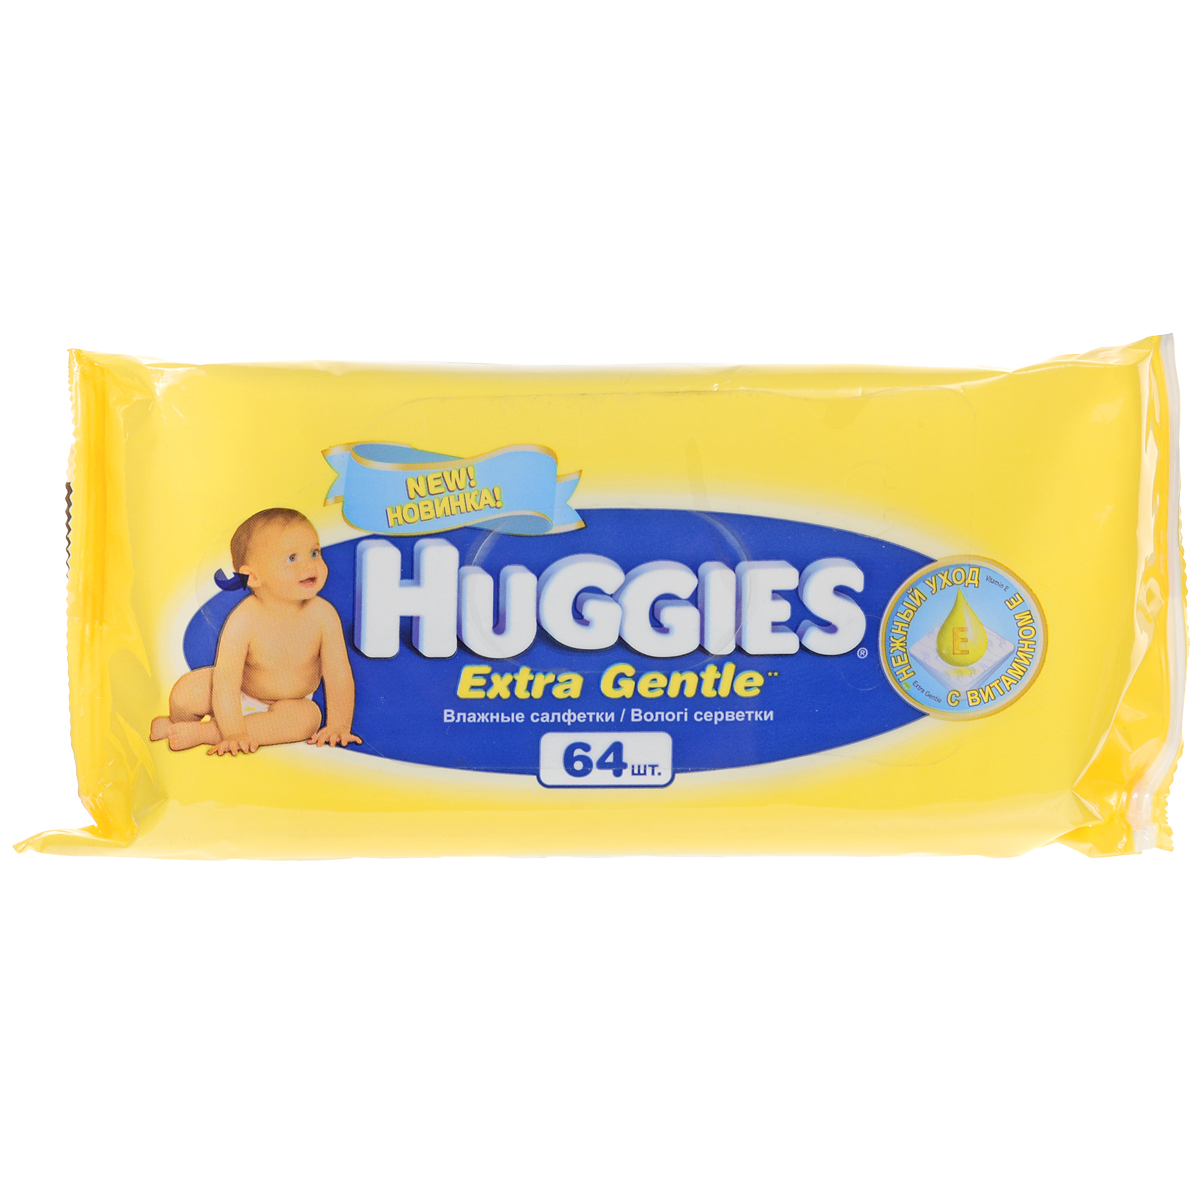 Huggies Extra Gentle Влажные салфетки, 64 шт -  Подгузники и пеленки